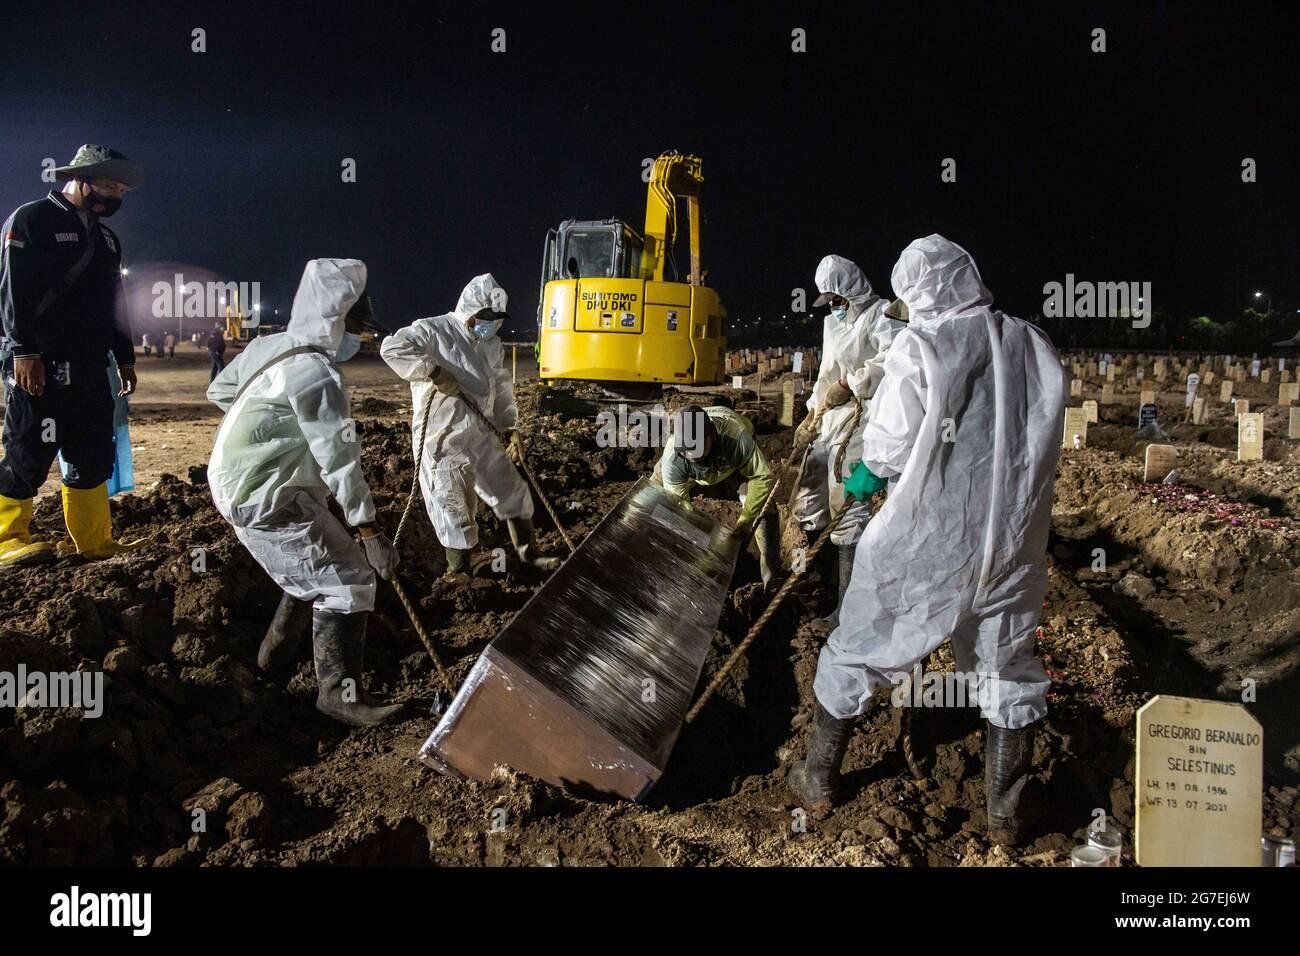 Jakarta, Indonesien. Juli 2021. Grabgräber arbeiten während der Beerdigung eines COVID-19-Coronavirus-Opfers auf einem speziellen Friedhof. Indonesien hat seit Beginn der Pandemie über 2,600,000 Fälle von Coronaviren (COVID-19-Krankheit) registriert. Quelle: Ariadi Hikmal/ZUMA Wire/Alamy Live News Stockfoto